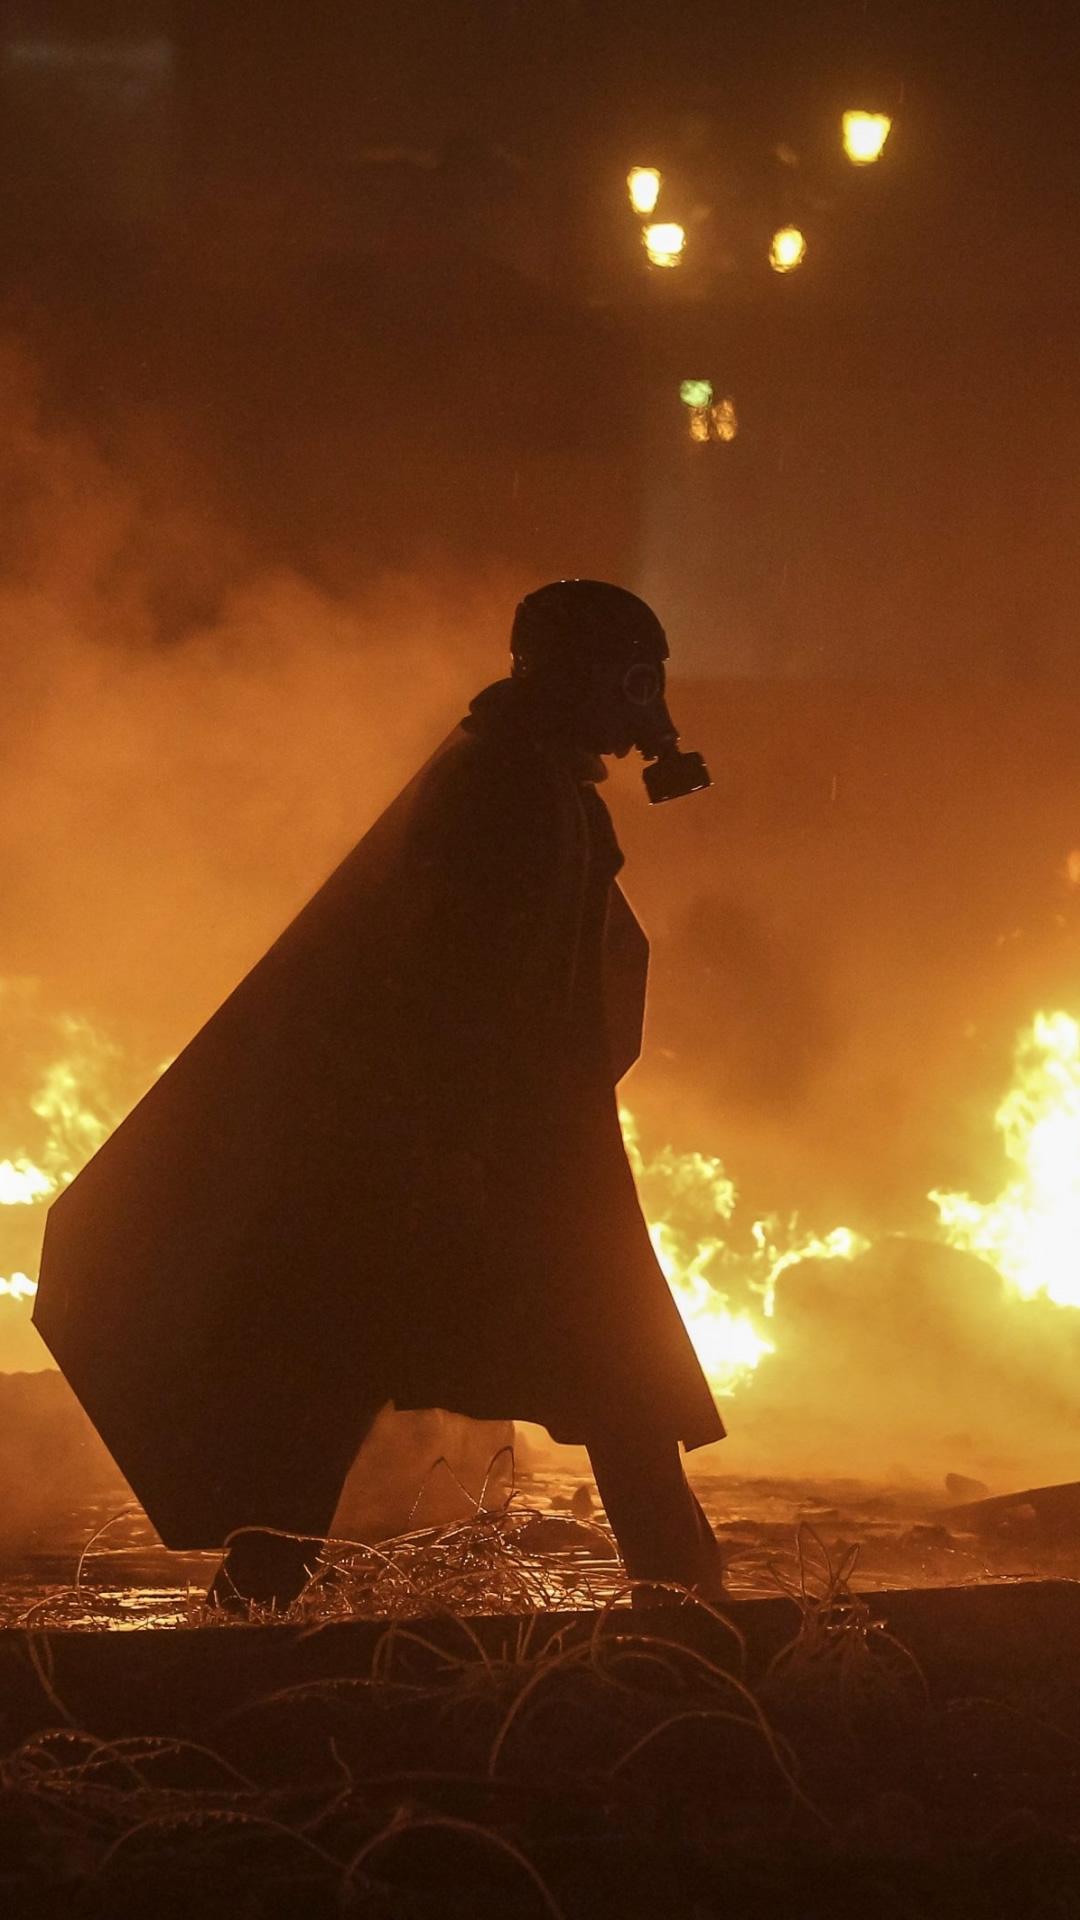 ガスマスクで暴動のスマホ壁紙